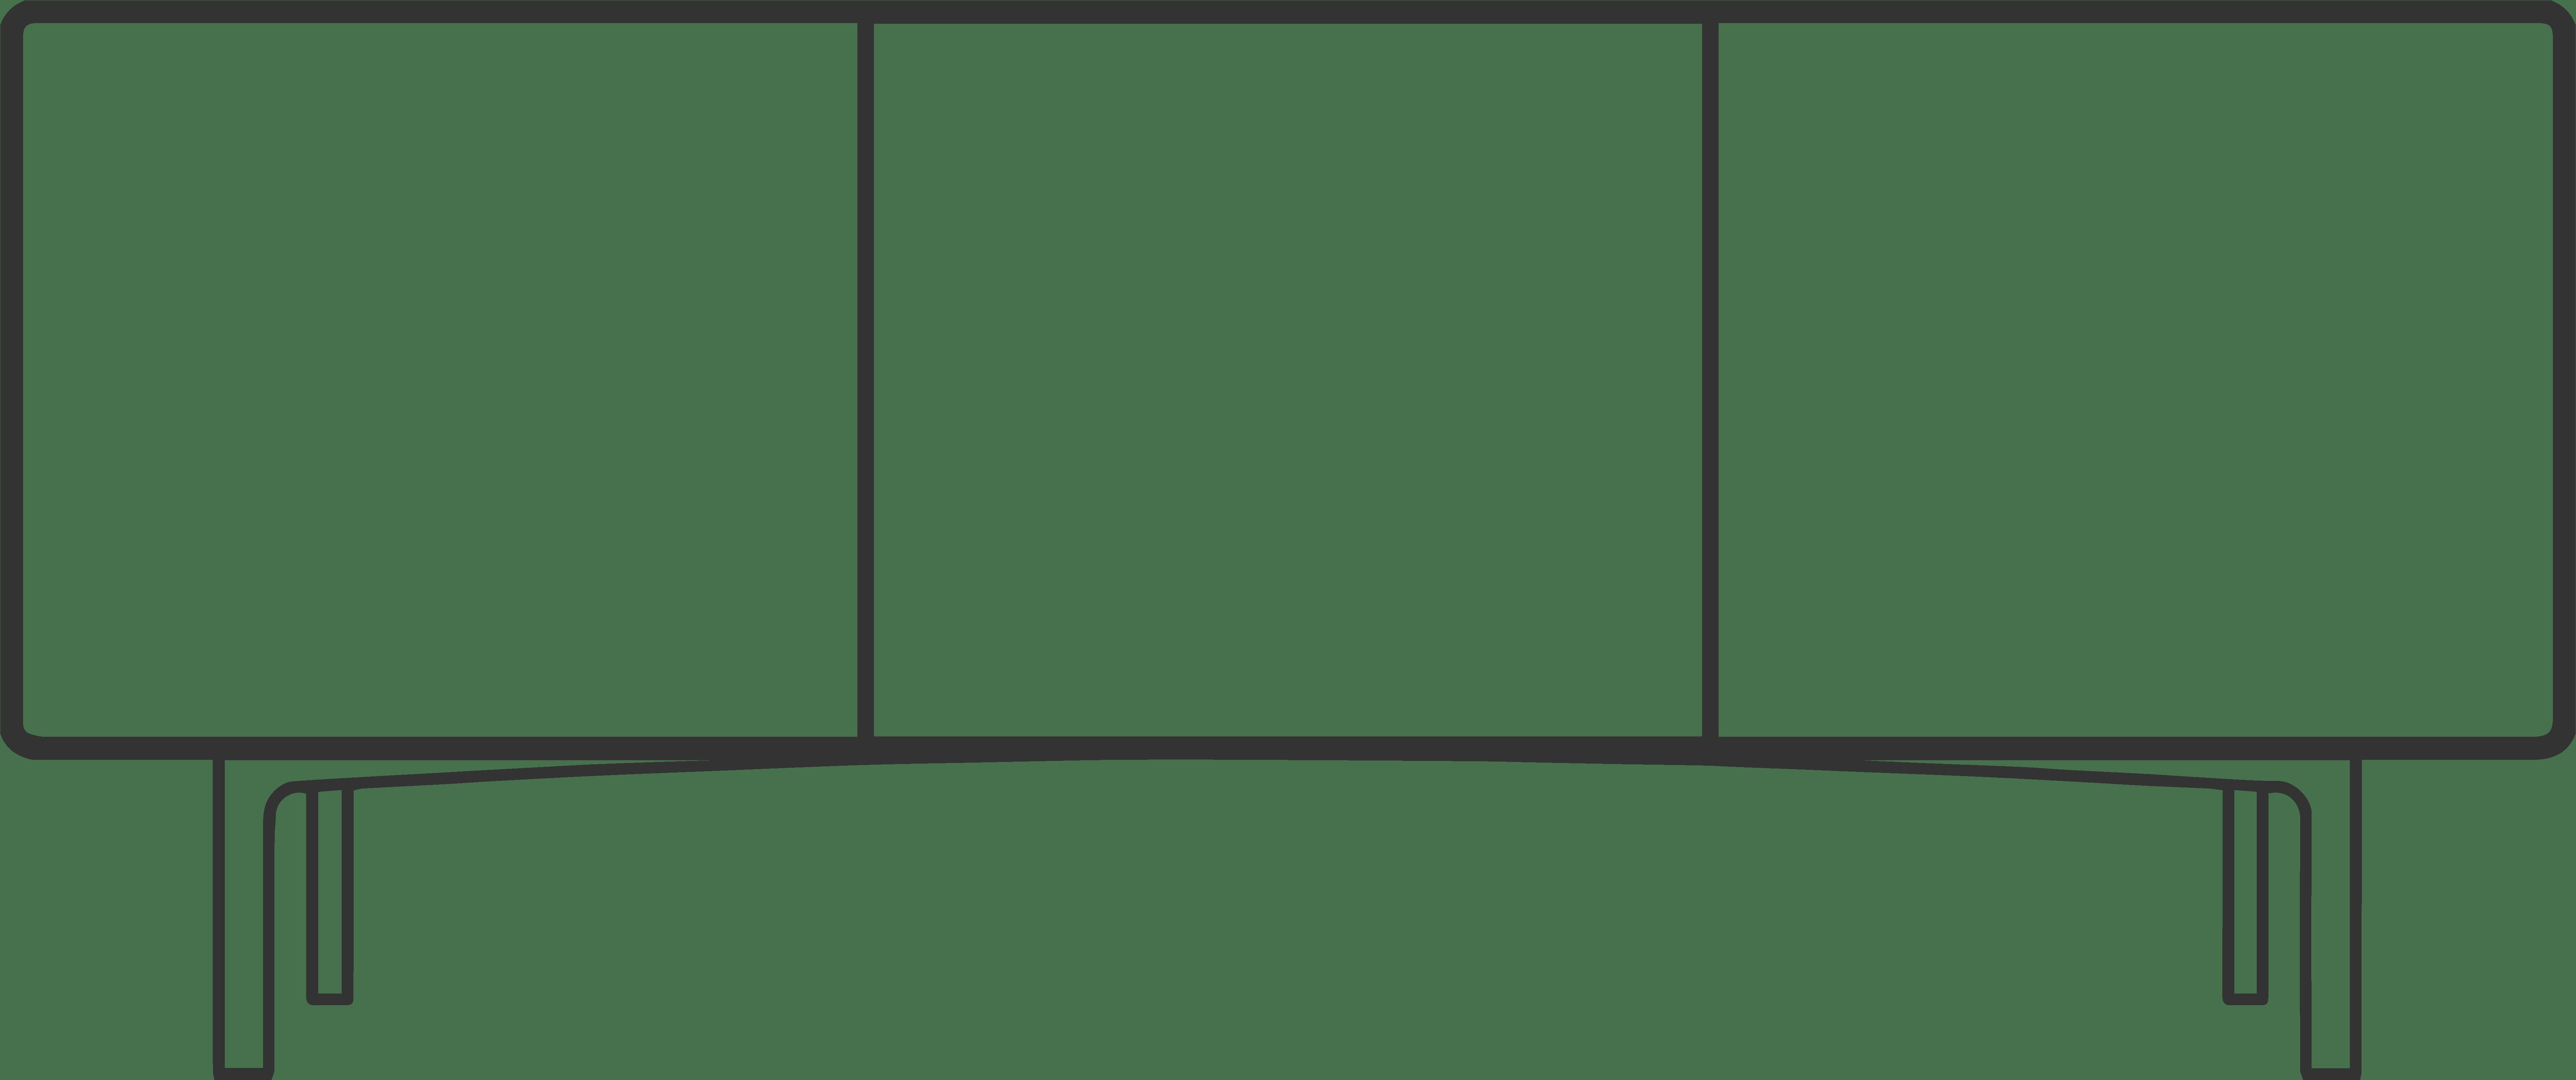 Ansichtszeichnung_Passion_Sideboard_3